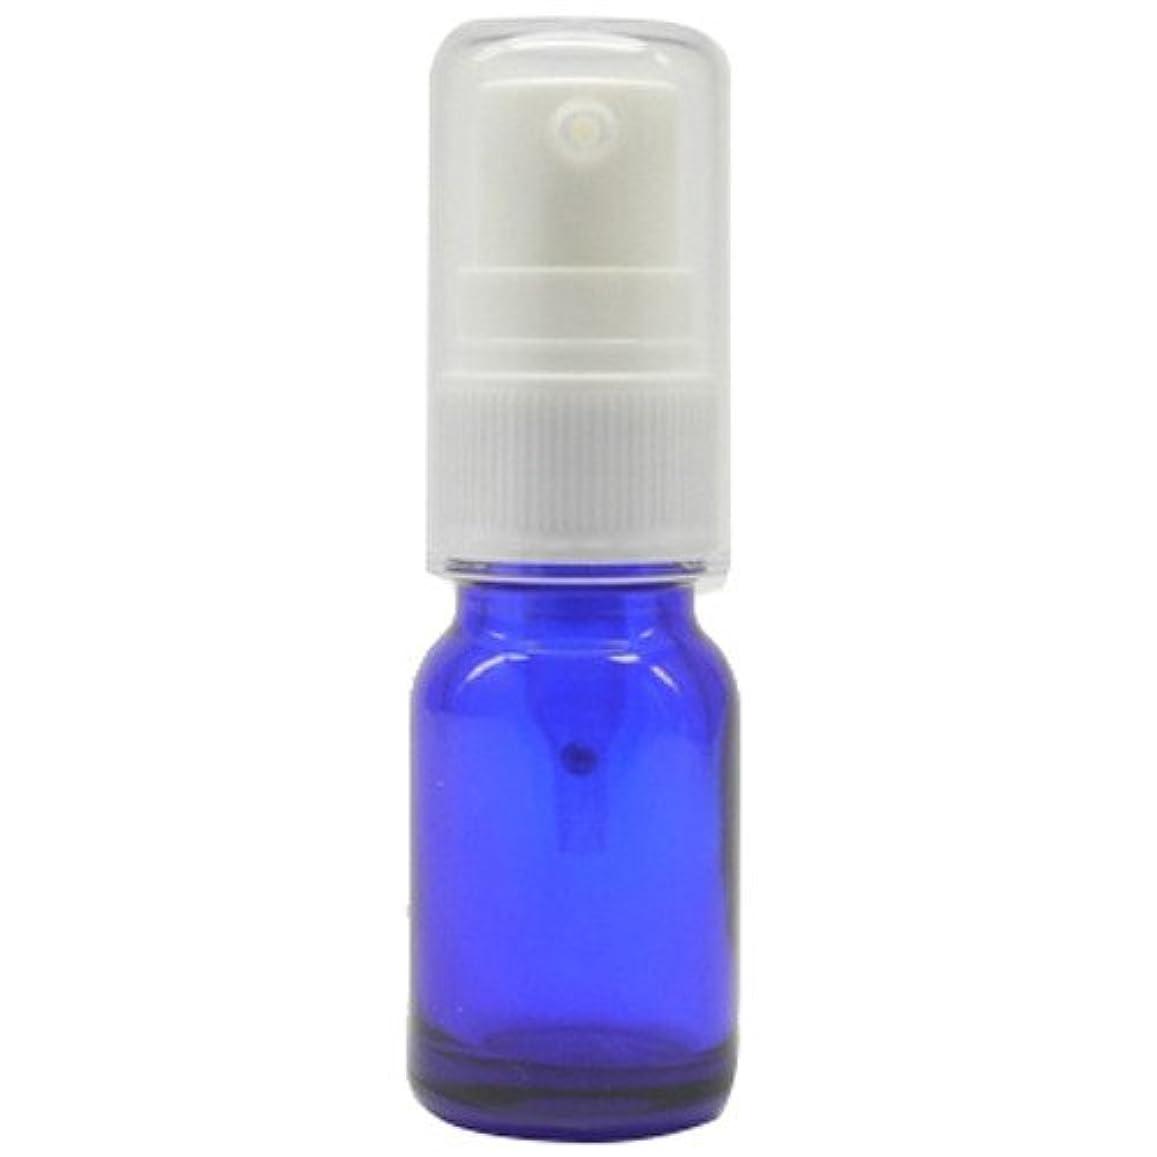 モバイルスリーブ非難するアロマアンドライフ (D)ブルーポンプ瓶10ml 3本セット